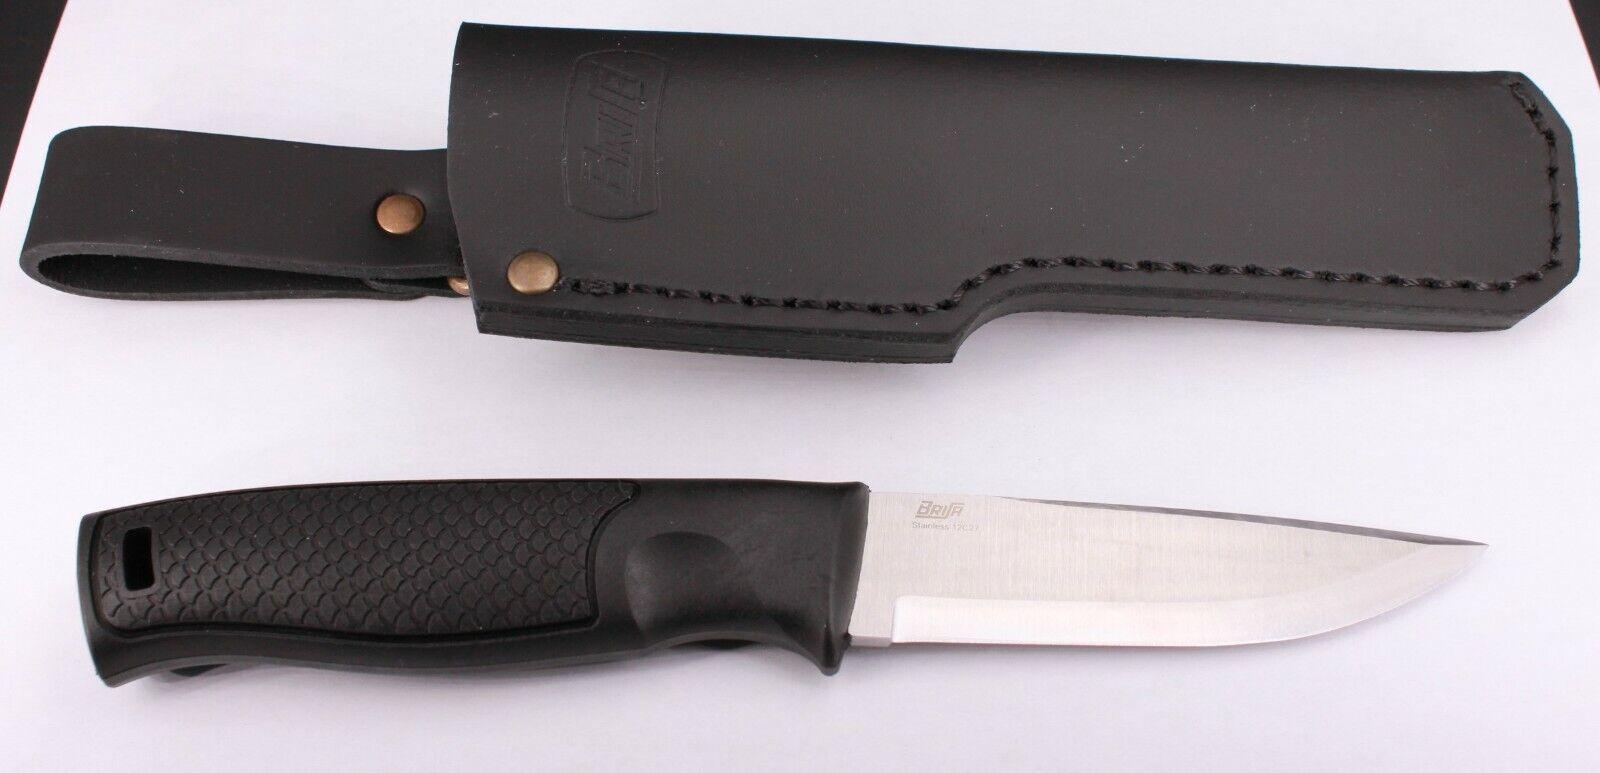 Messer BRISA Hiker 95 Scandi mit Kunststoffgriff und Lederscheide